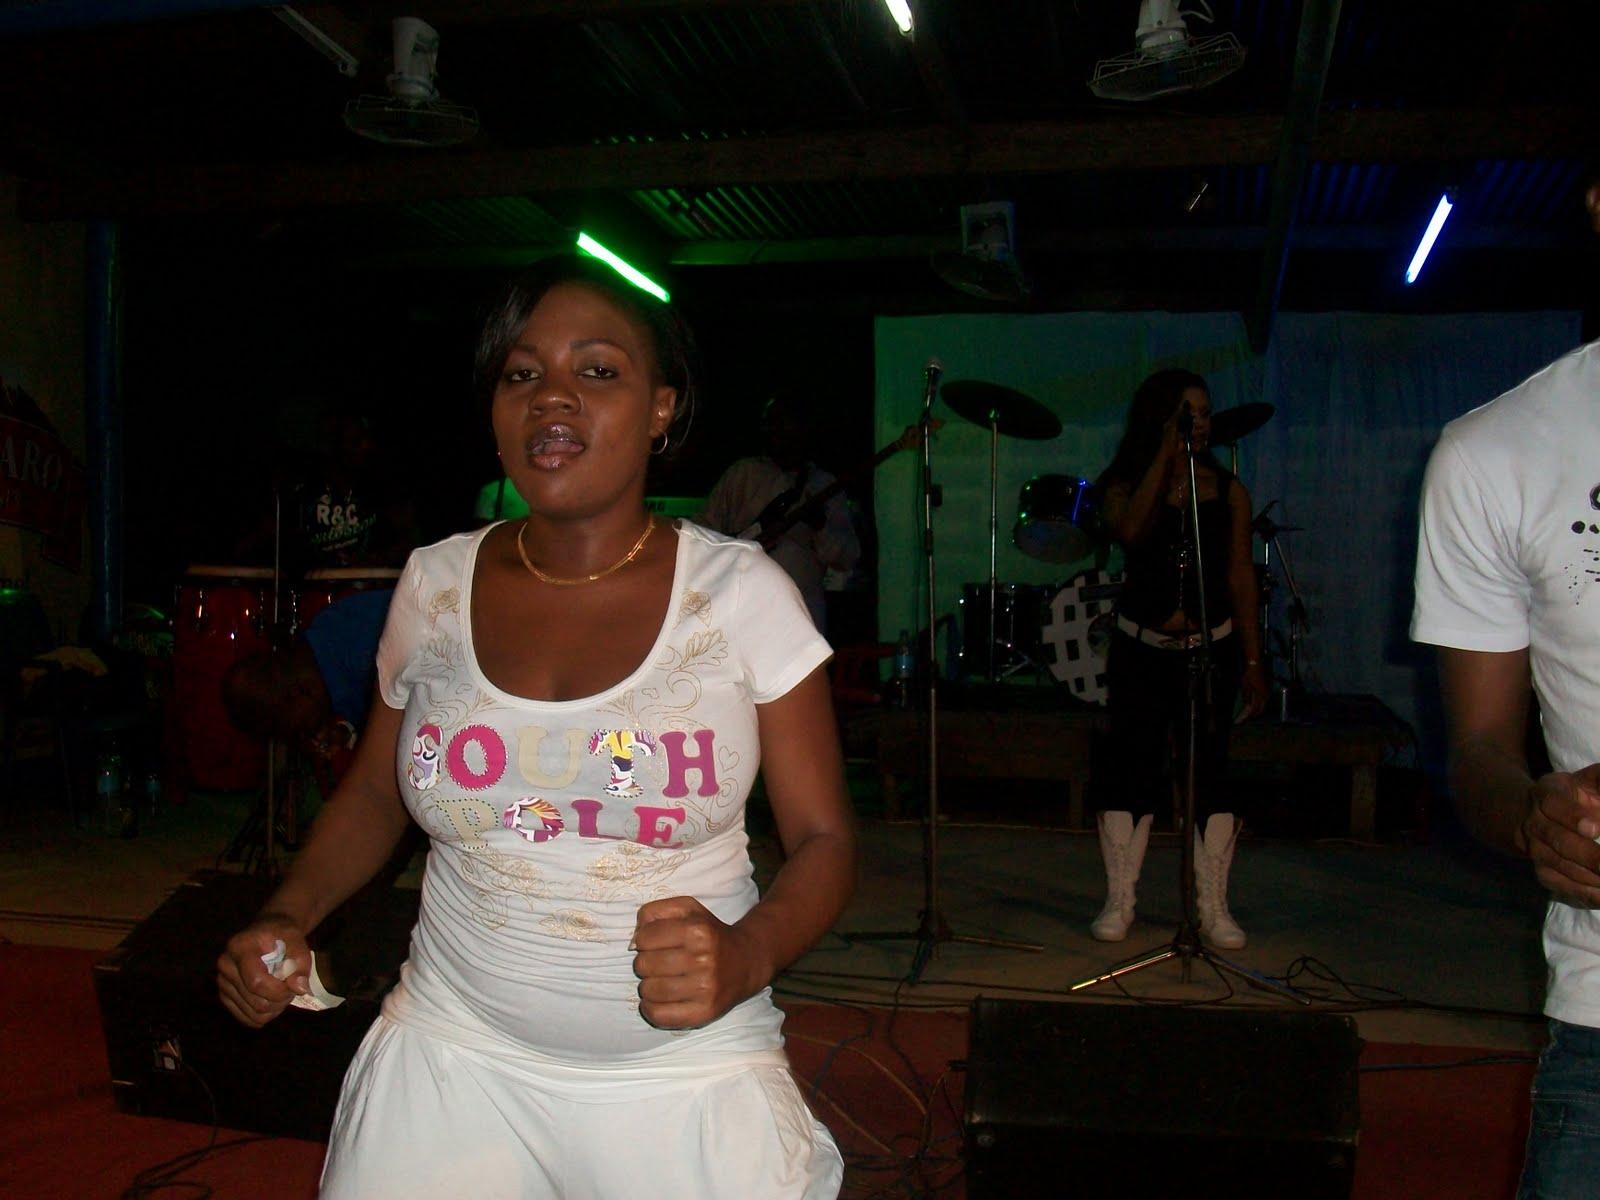 Image picha za matako makubwa uchi kuma kubwa na mboo view original